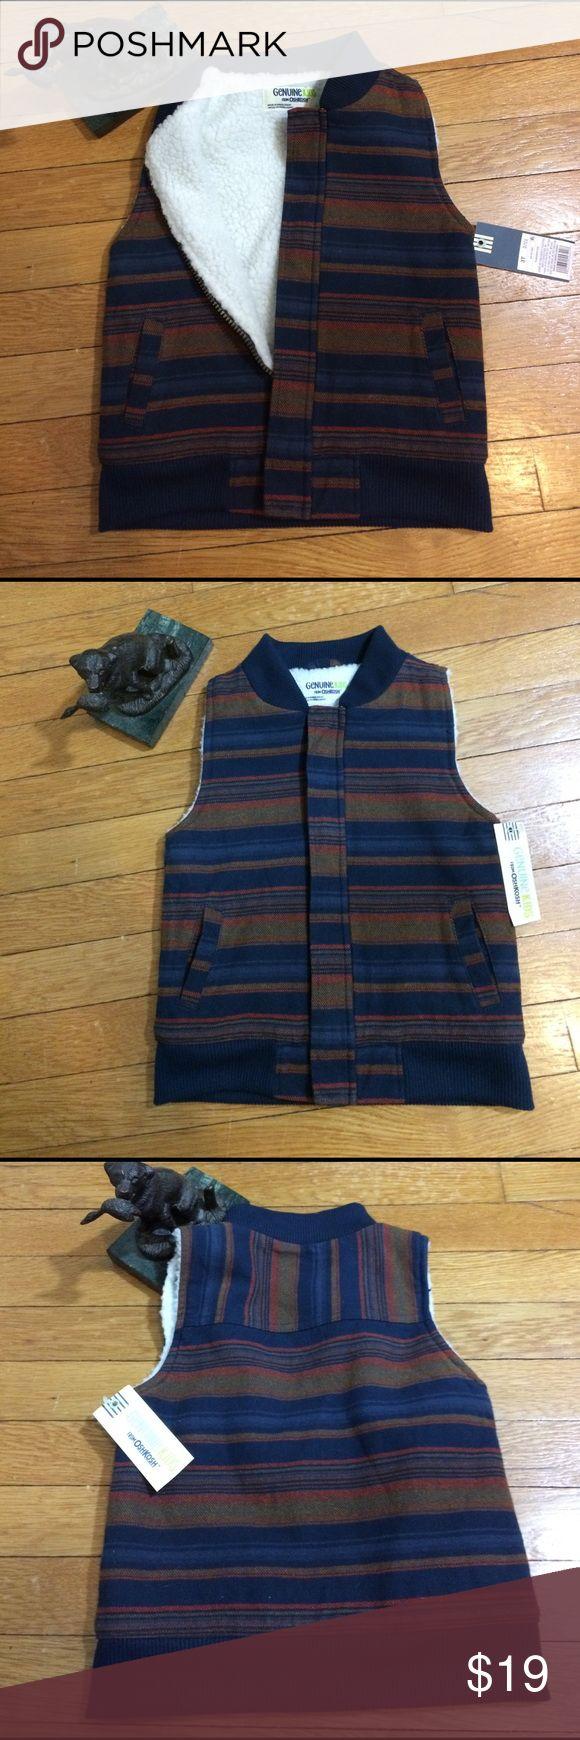 Boys Oshkosh Navy Brown Striped Vest 3T NWT Boys Oshkosh Navy Brown Striped Vest 3T NWT Osh Kosh Jackets & Coats Vests